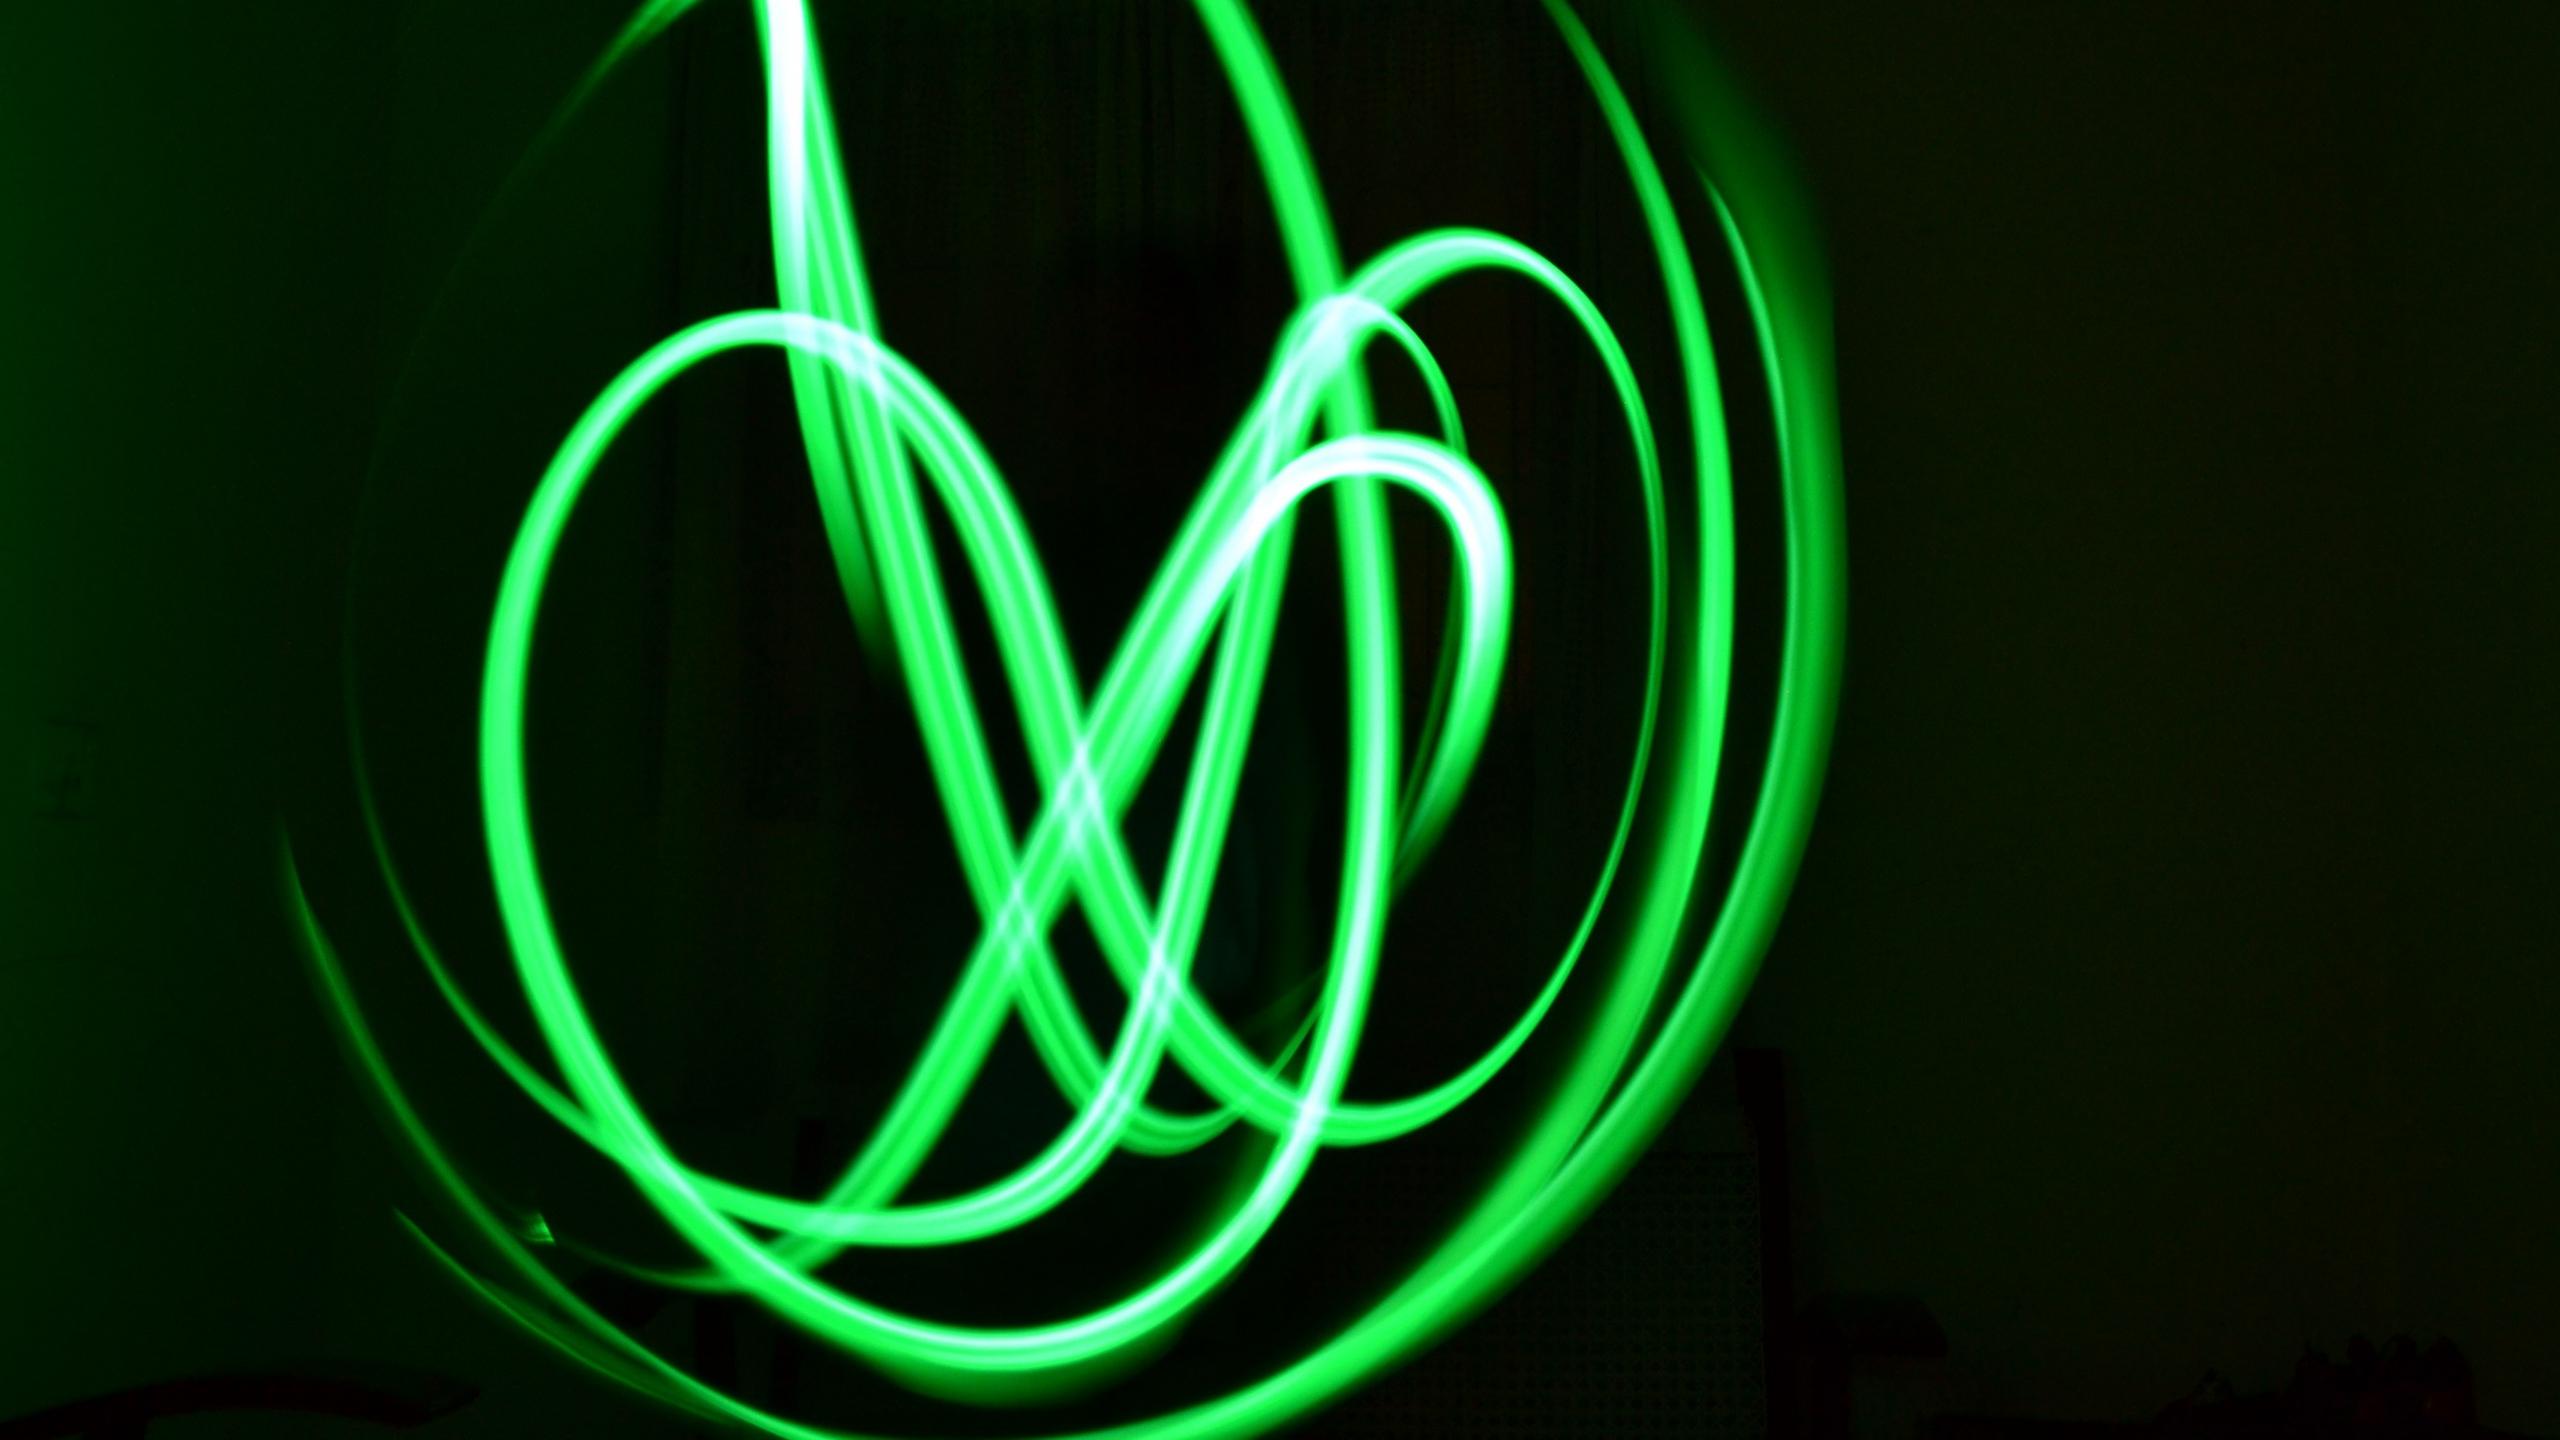 Wallpaper Neon, Lines, Plexus, Green - Neon Green Lines - HD Wallpaper